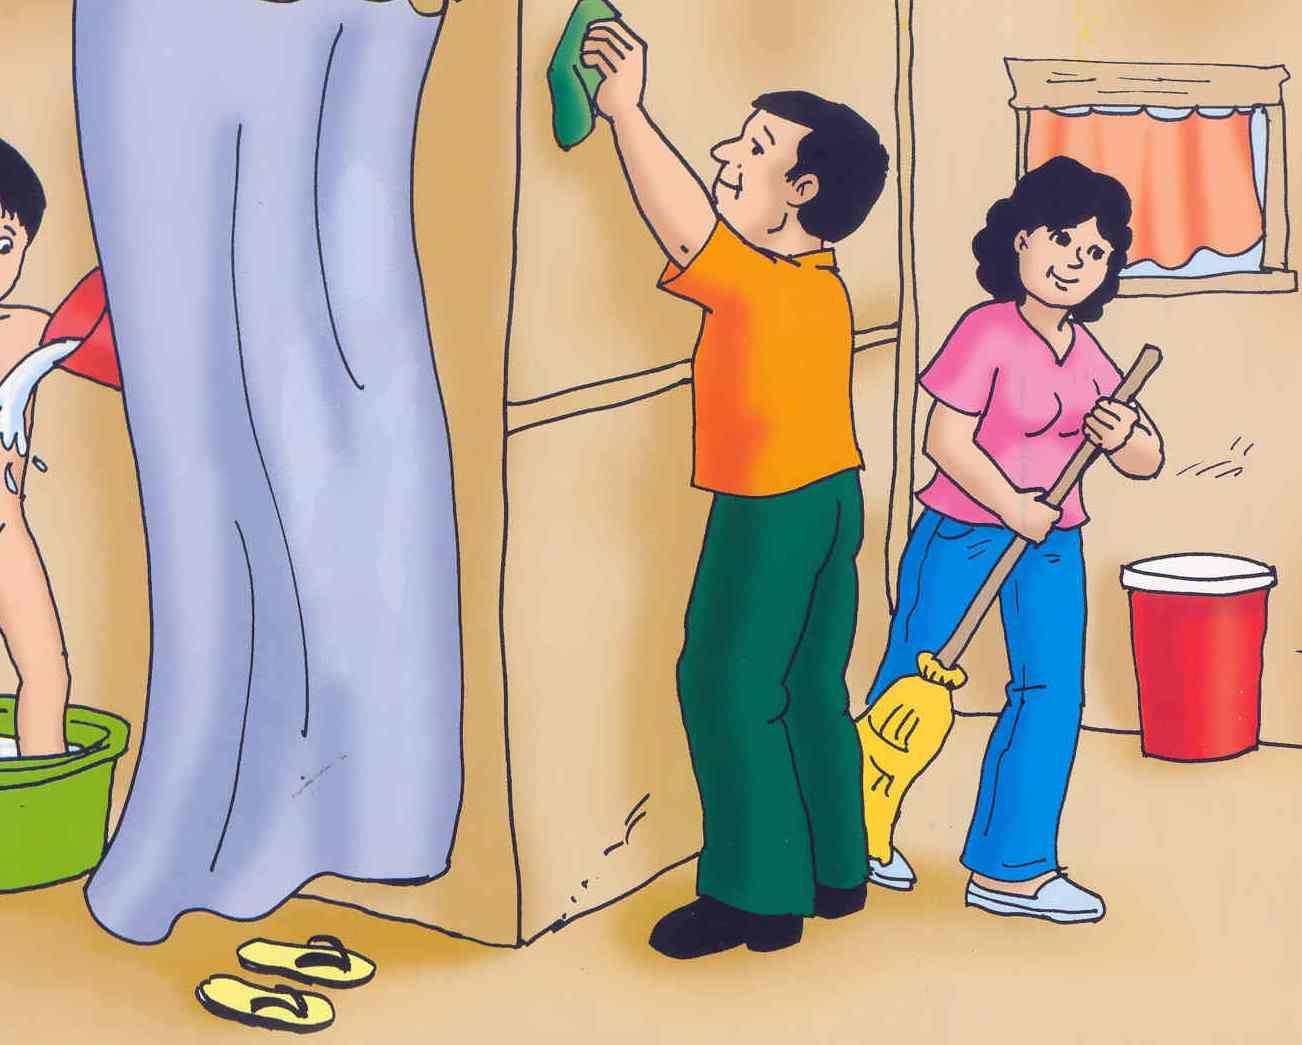 El ltimo condill 0167 el casado casa quiere - Trabajo limpiando casas ...